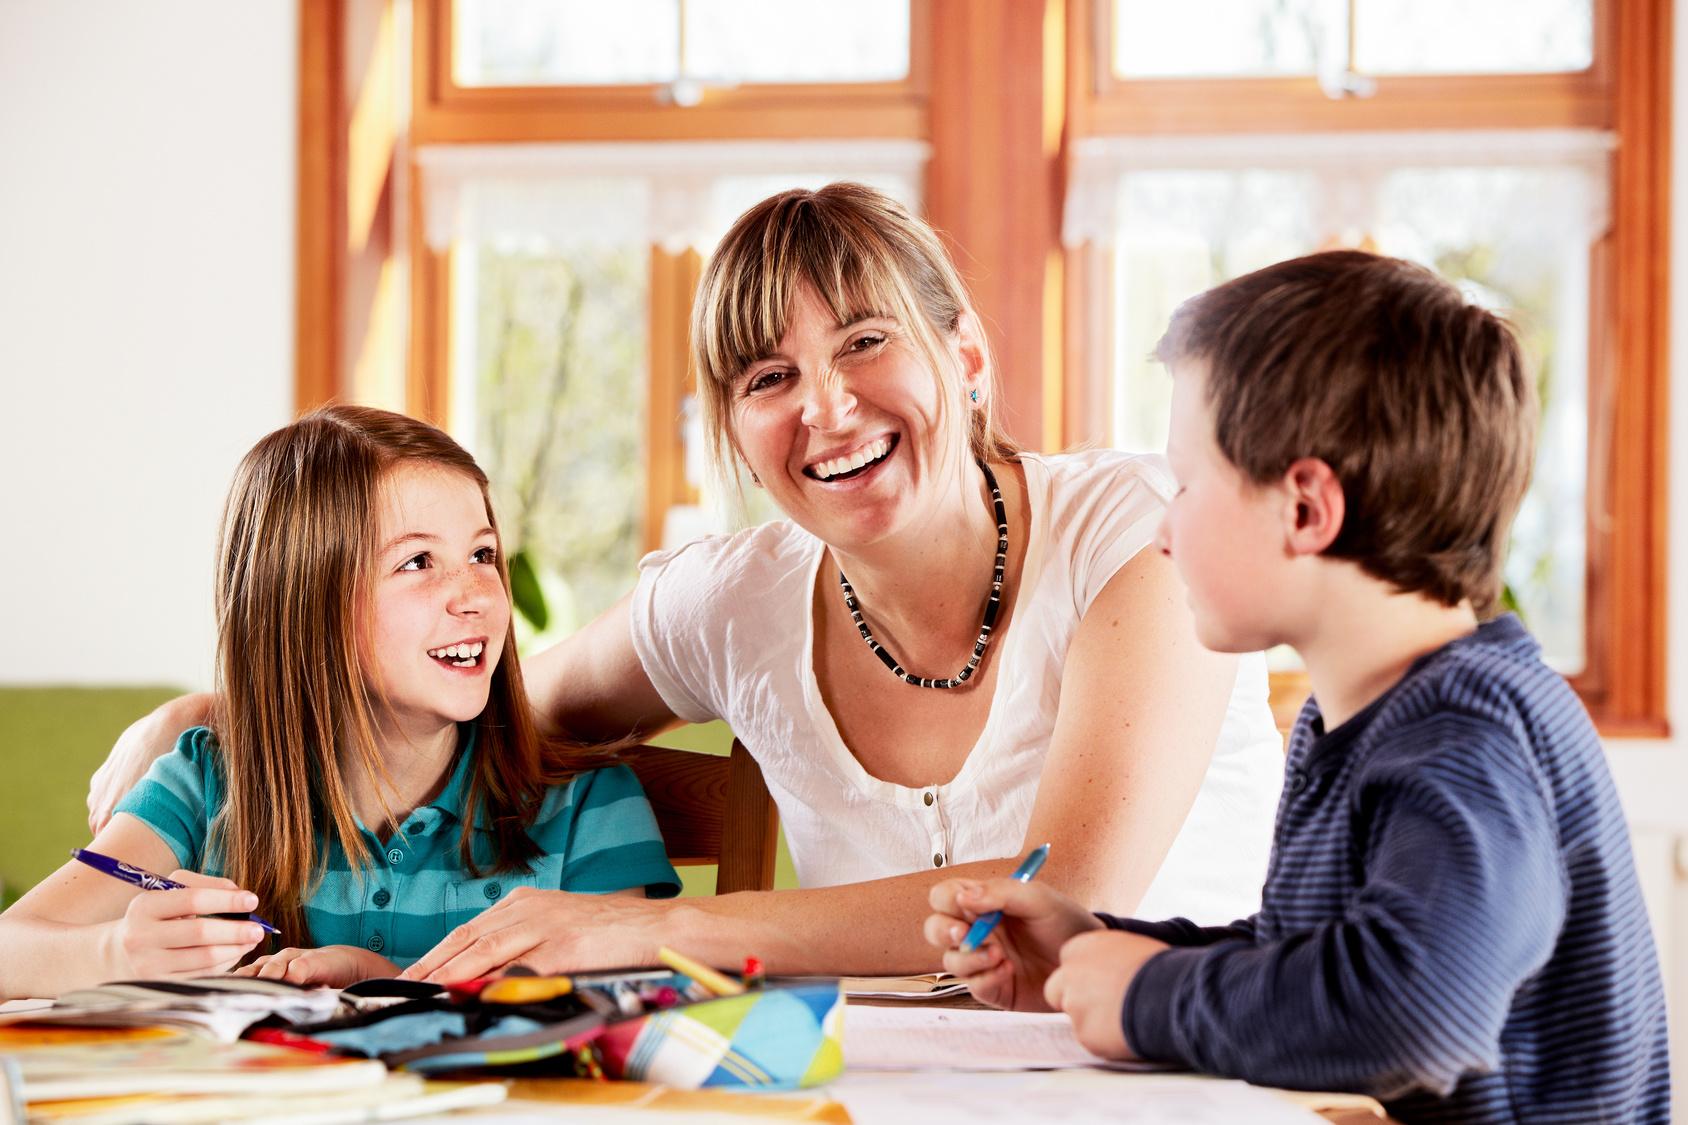 COMPITI SENZA STRESS – un percorso per i genitori